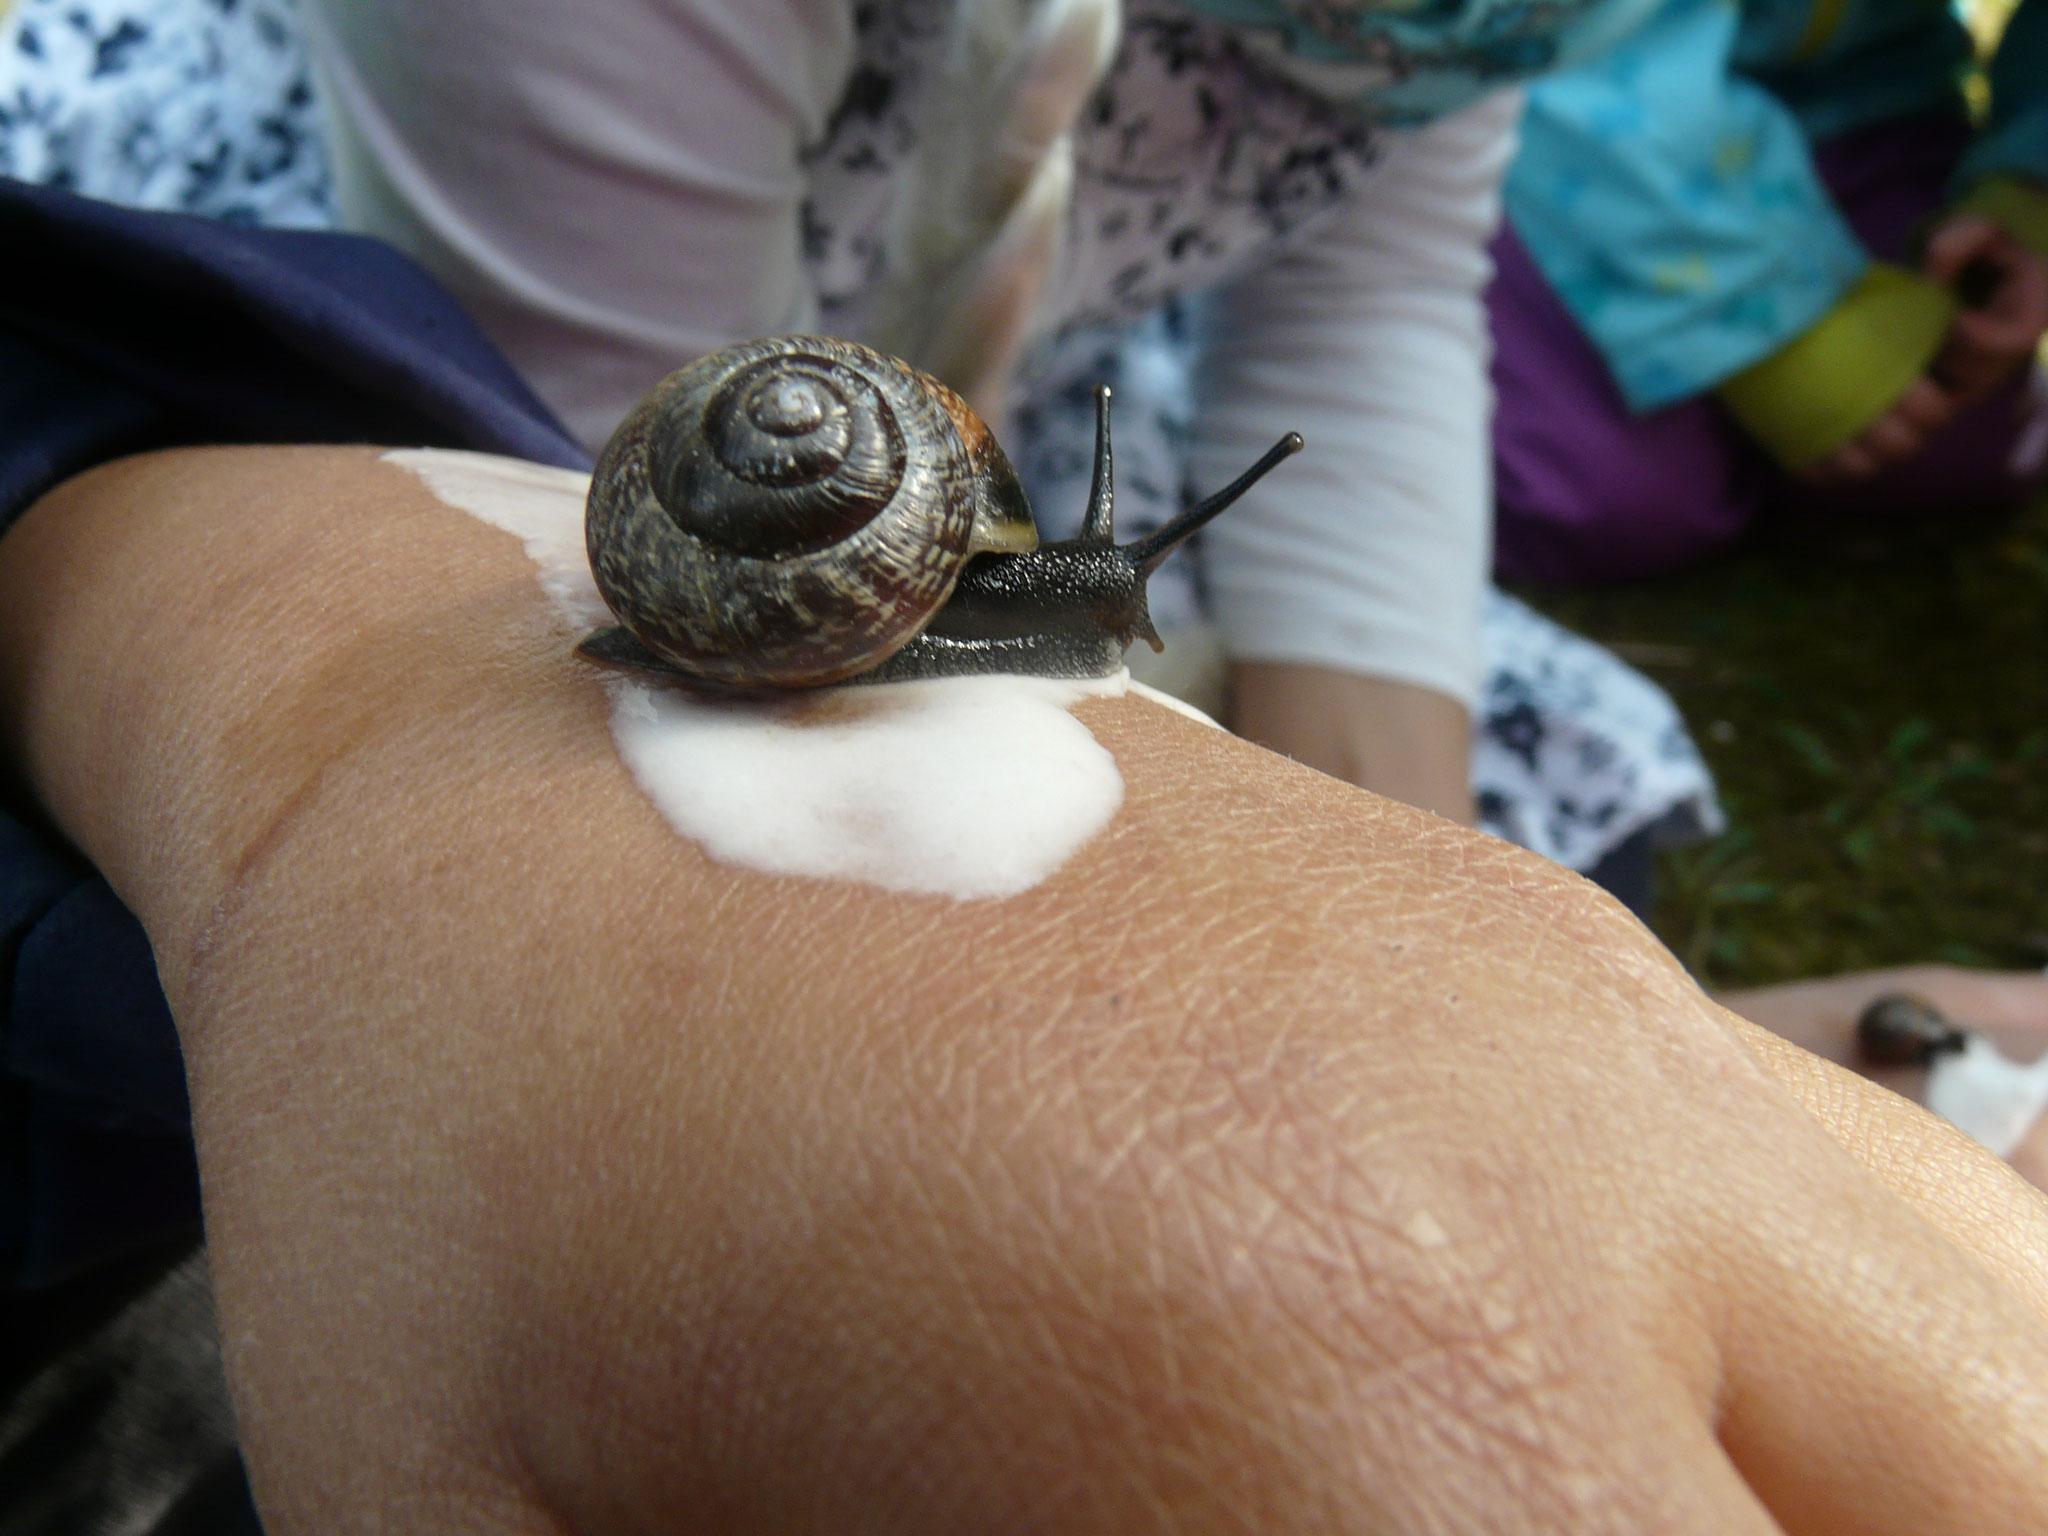 Wie fressen Schnecken? Mit Hilfe eines Wasser-Mehl-Gemisches konnten die Kinder es auf der eigenen Hand erleben.